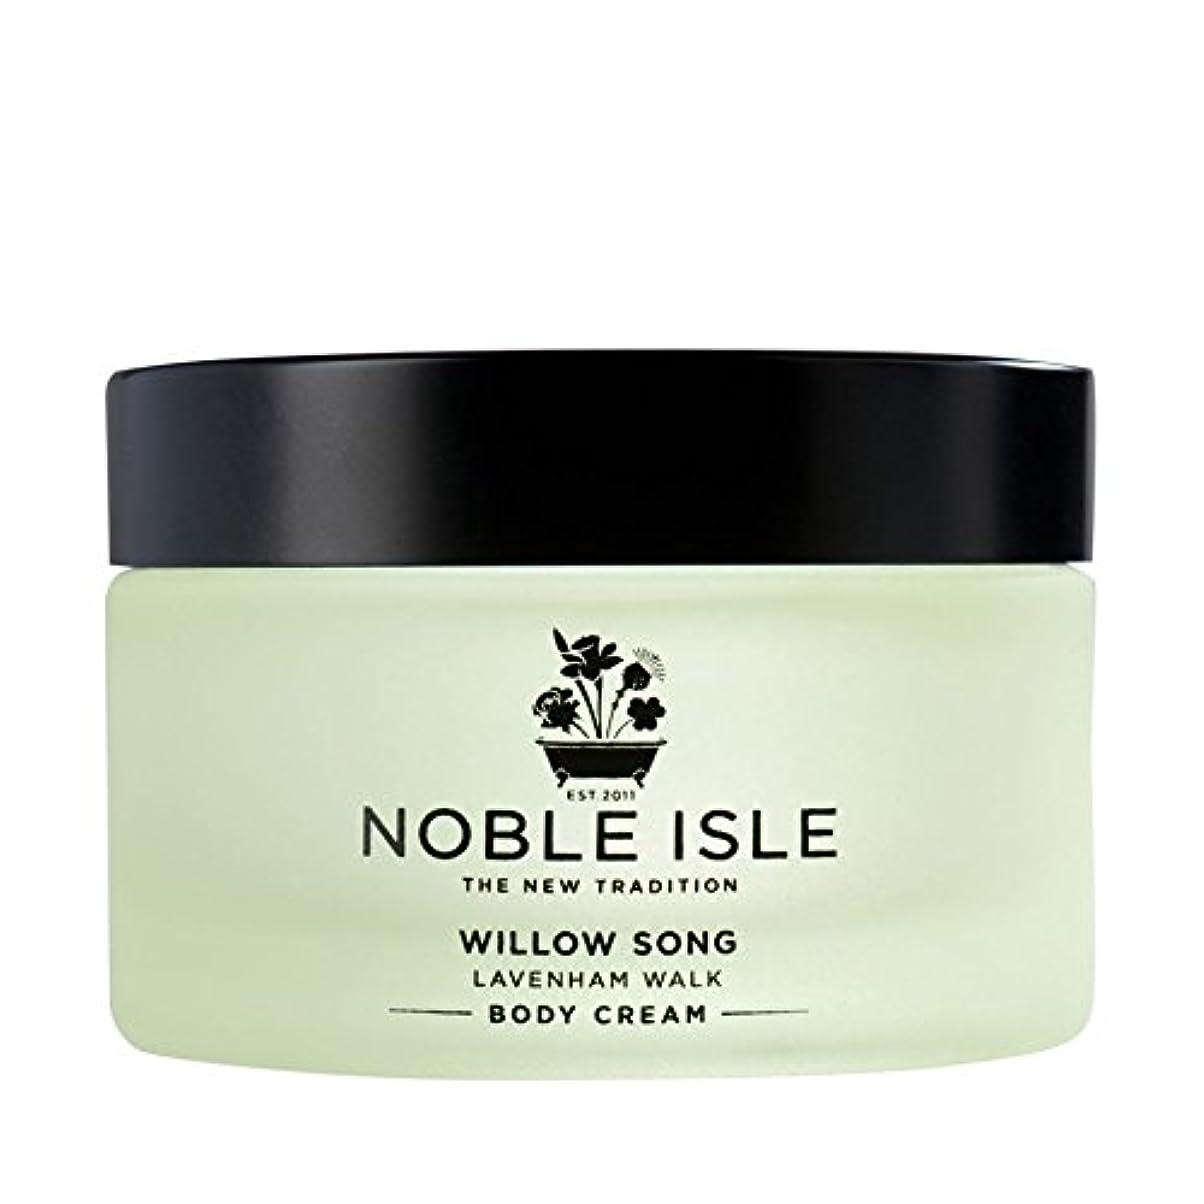 憂鬱な区別空洞Noble Isle Willow Song Lavenham Walk Body Cream 170ml (Pack of 6) - 高貴な島柳の歌ラヴァンハム徒歩ボディクリーム170ミリリットル x6 [並行輸入品]